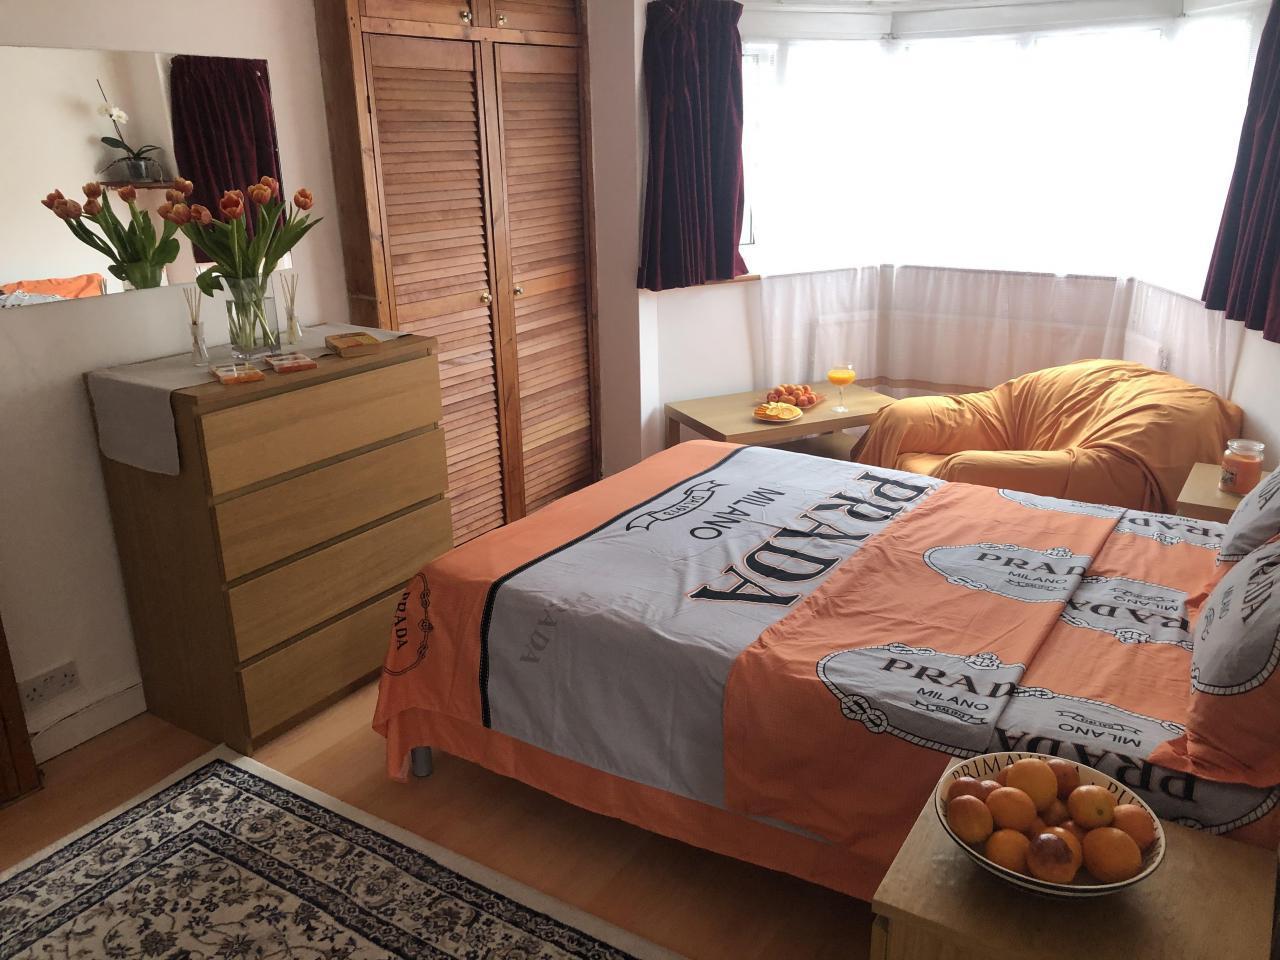 Сдаем double room, для одного, недалеко от станции Tooting. - 2